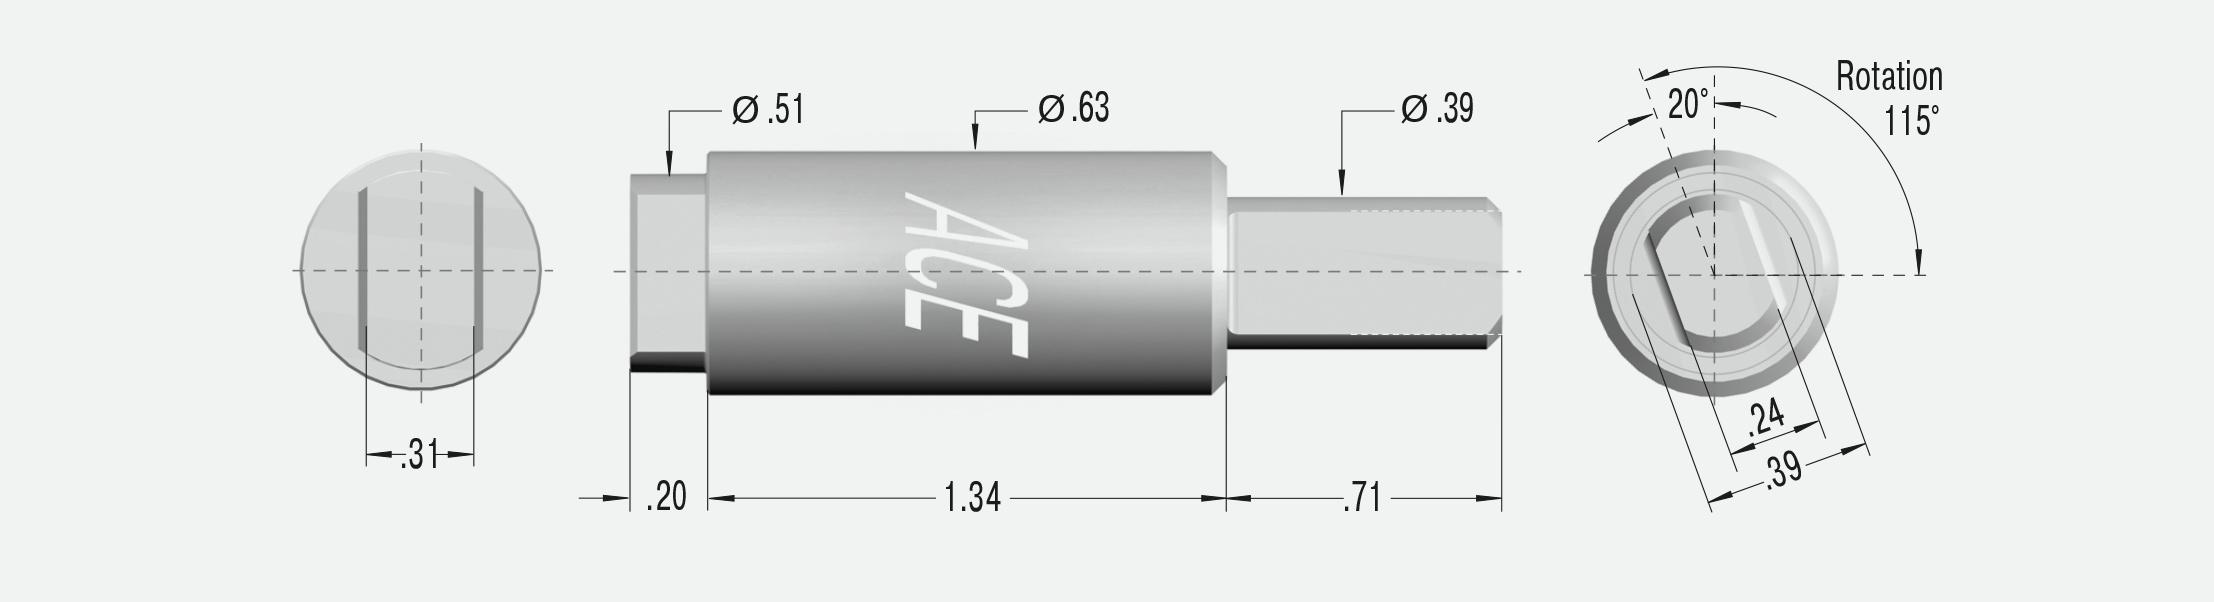 FYN-U1-L253